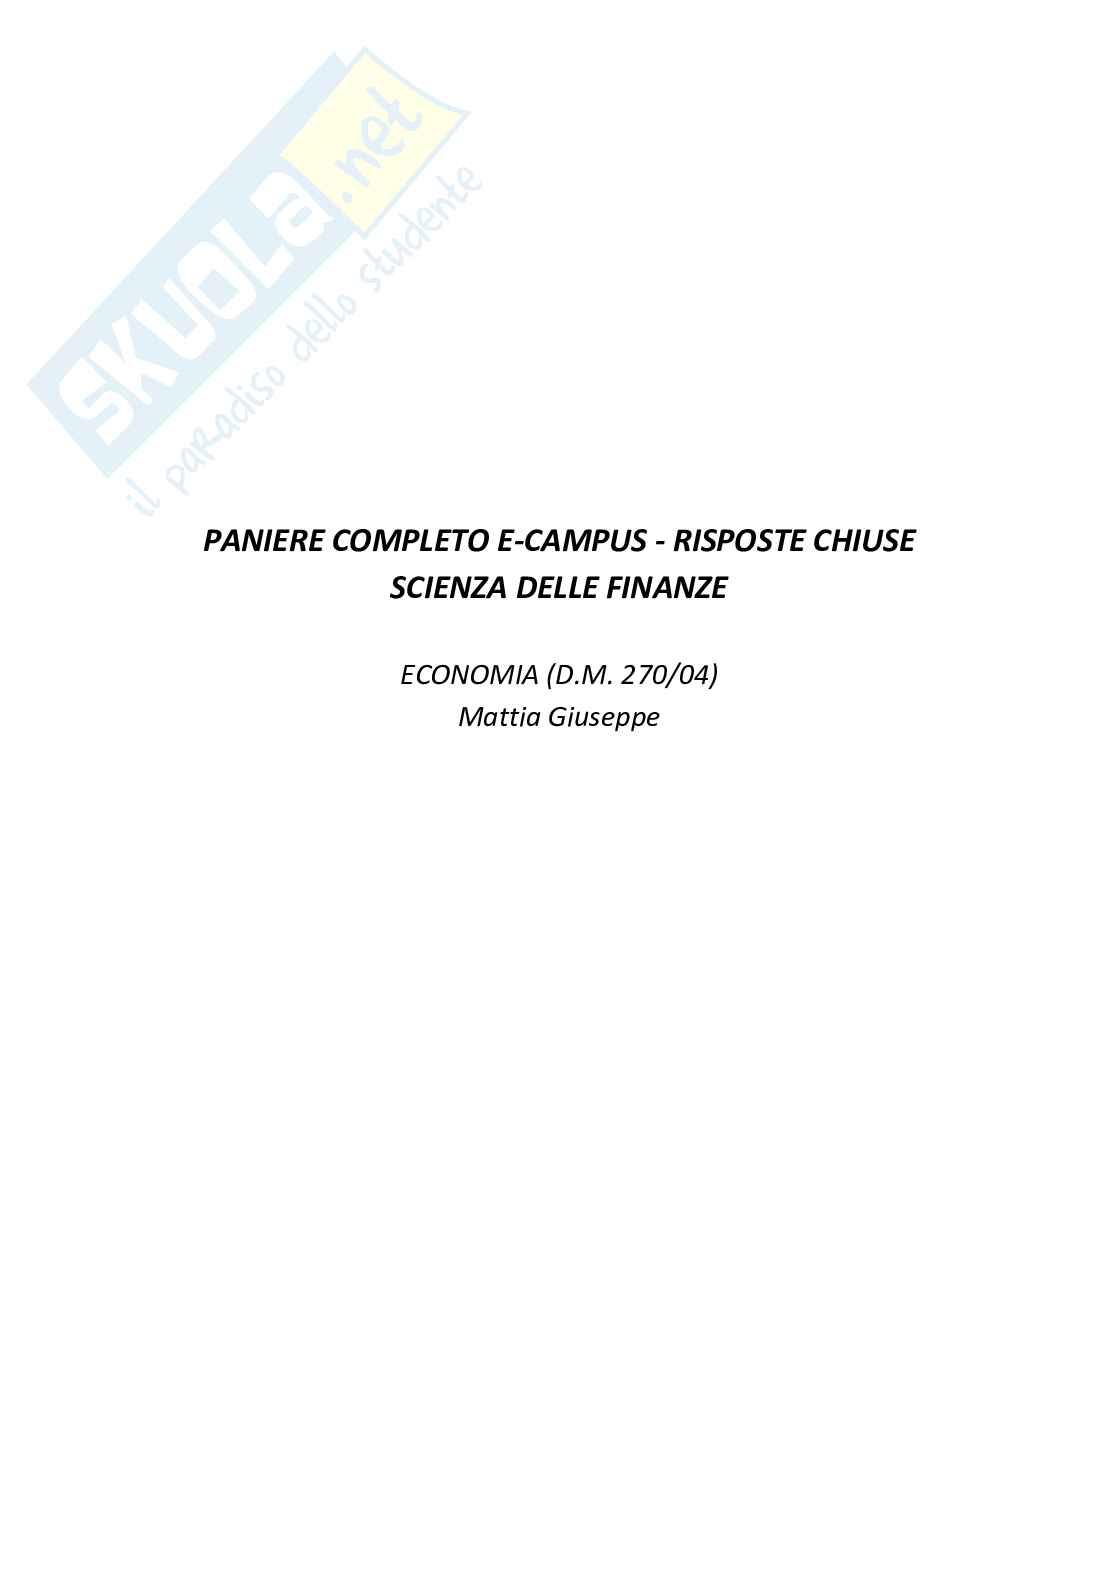 Paniere compilato con risposte chiuse di Scienza delle finanze